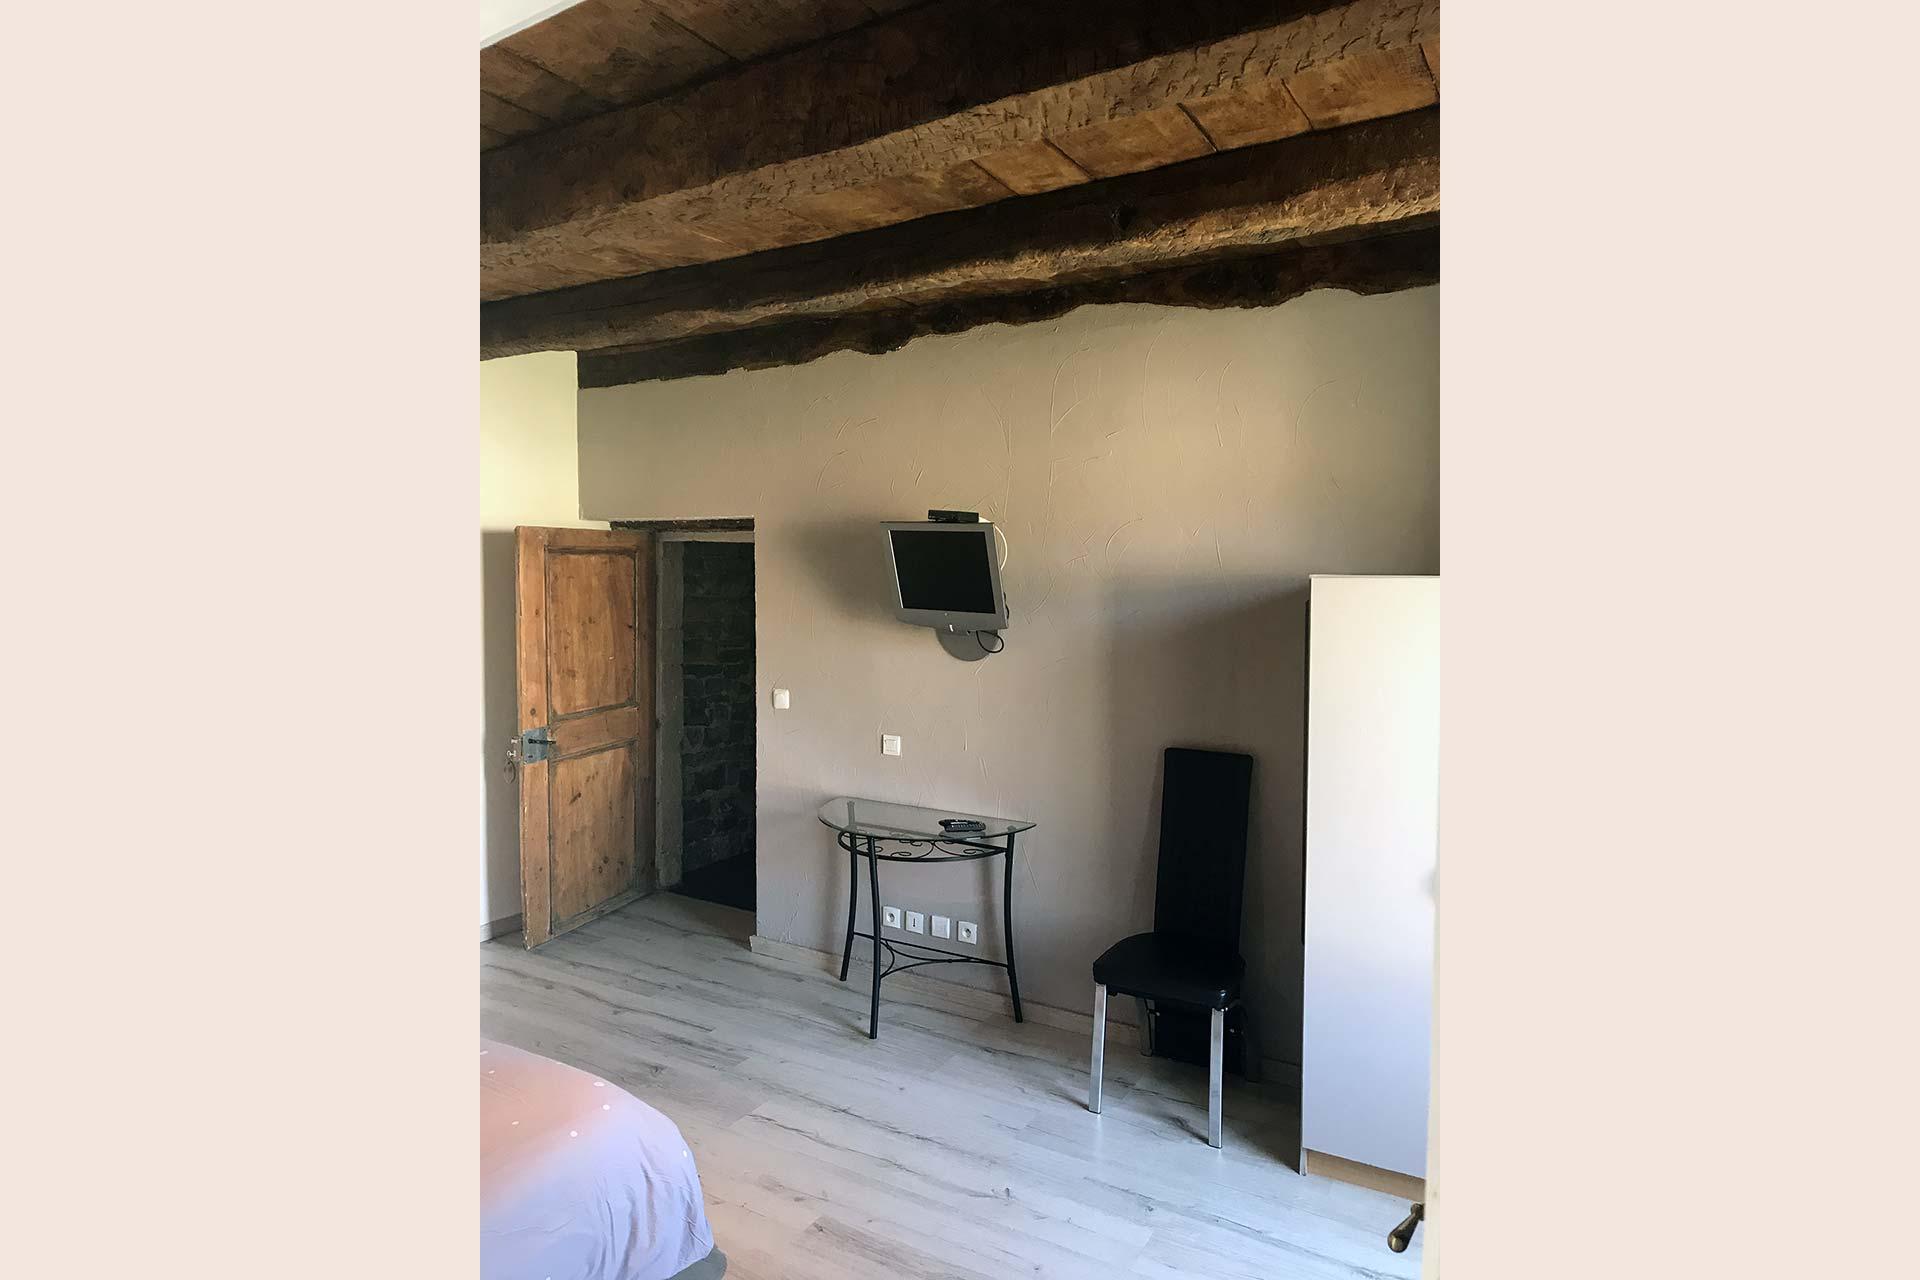 Chambre sublime chambre d 39 h tes en aveyron domaine alcapi s - Chambre d hotes en aveyron ...